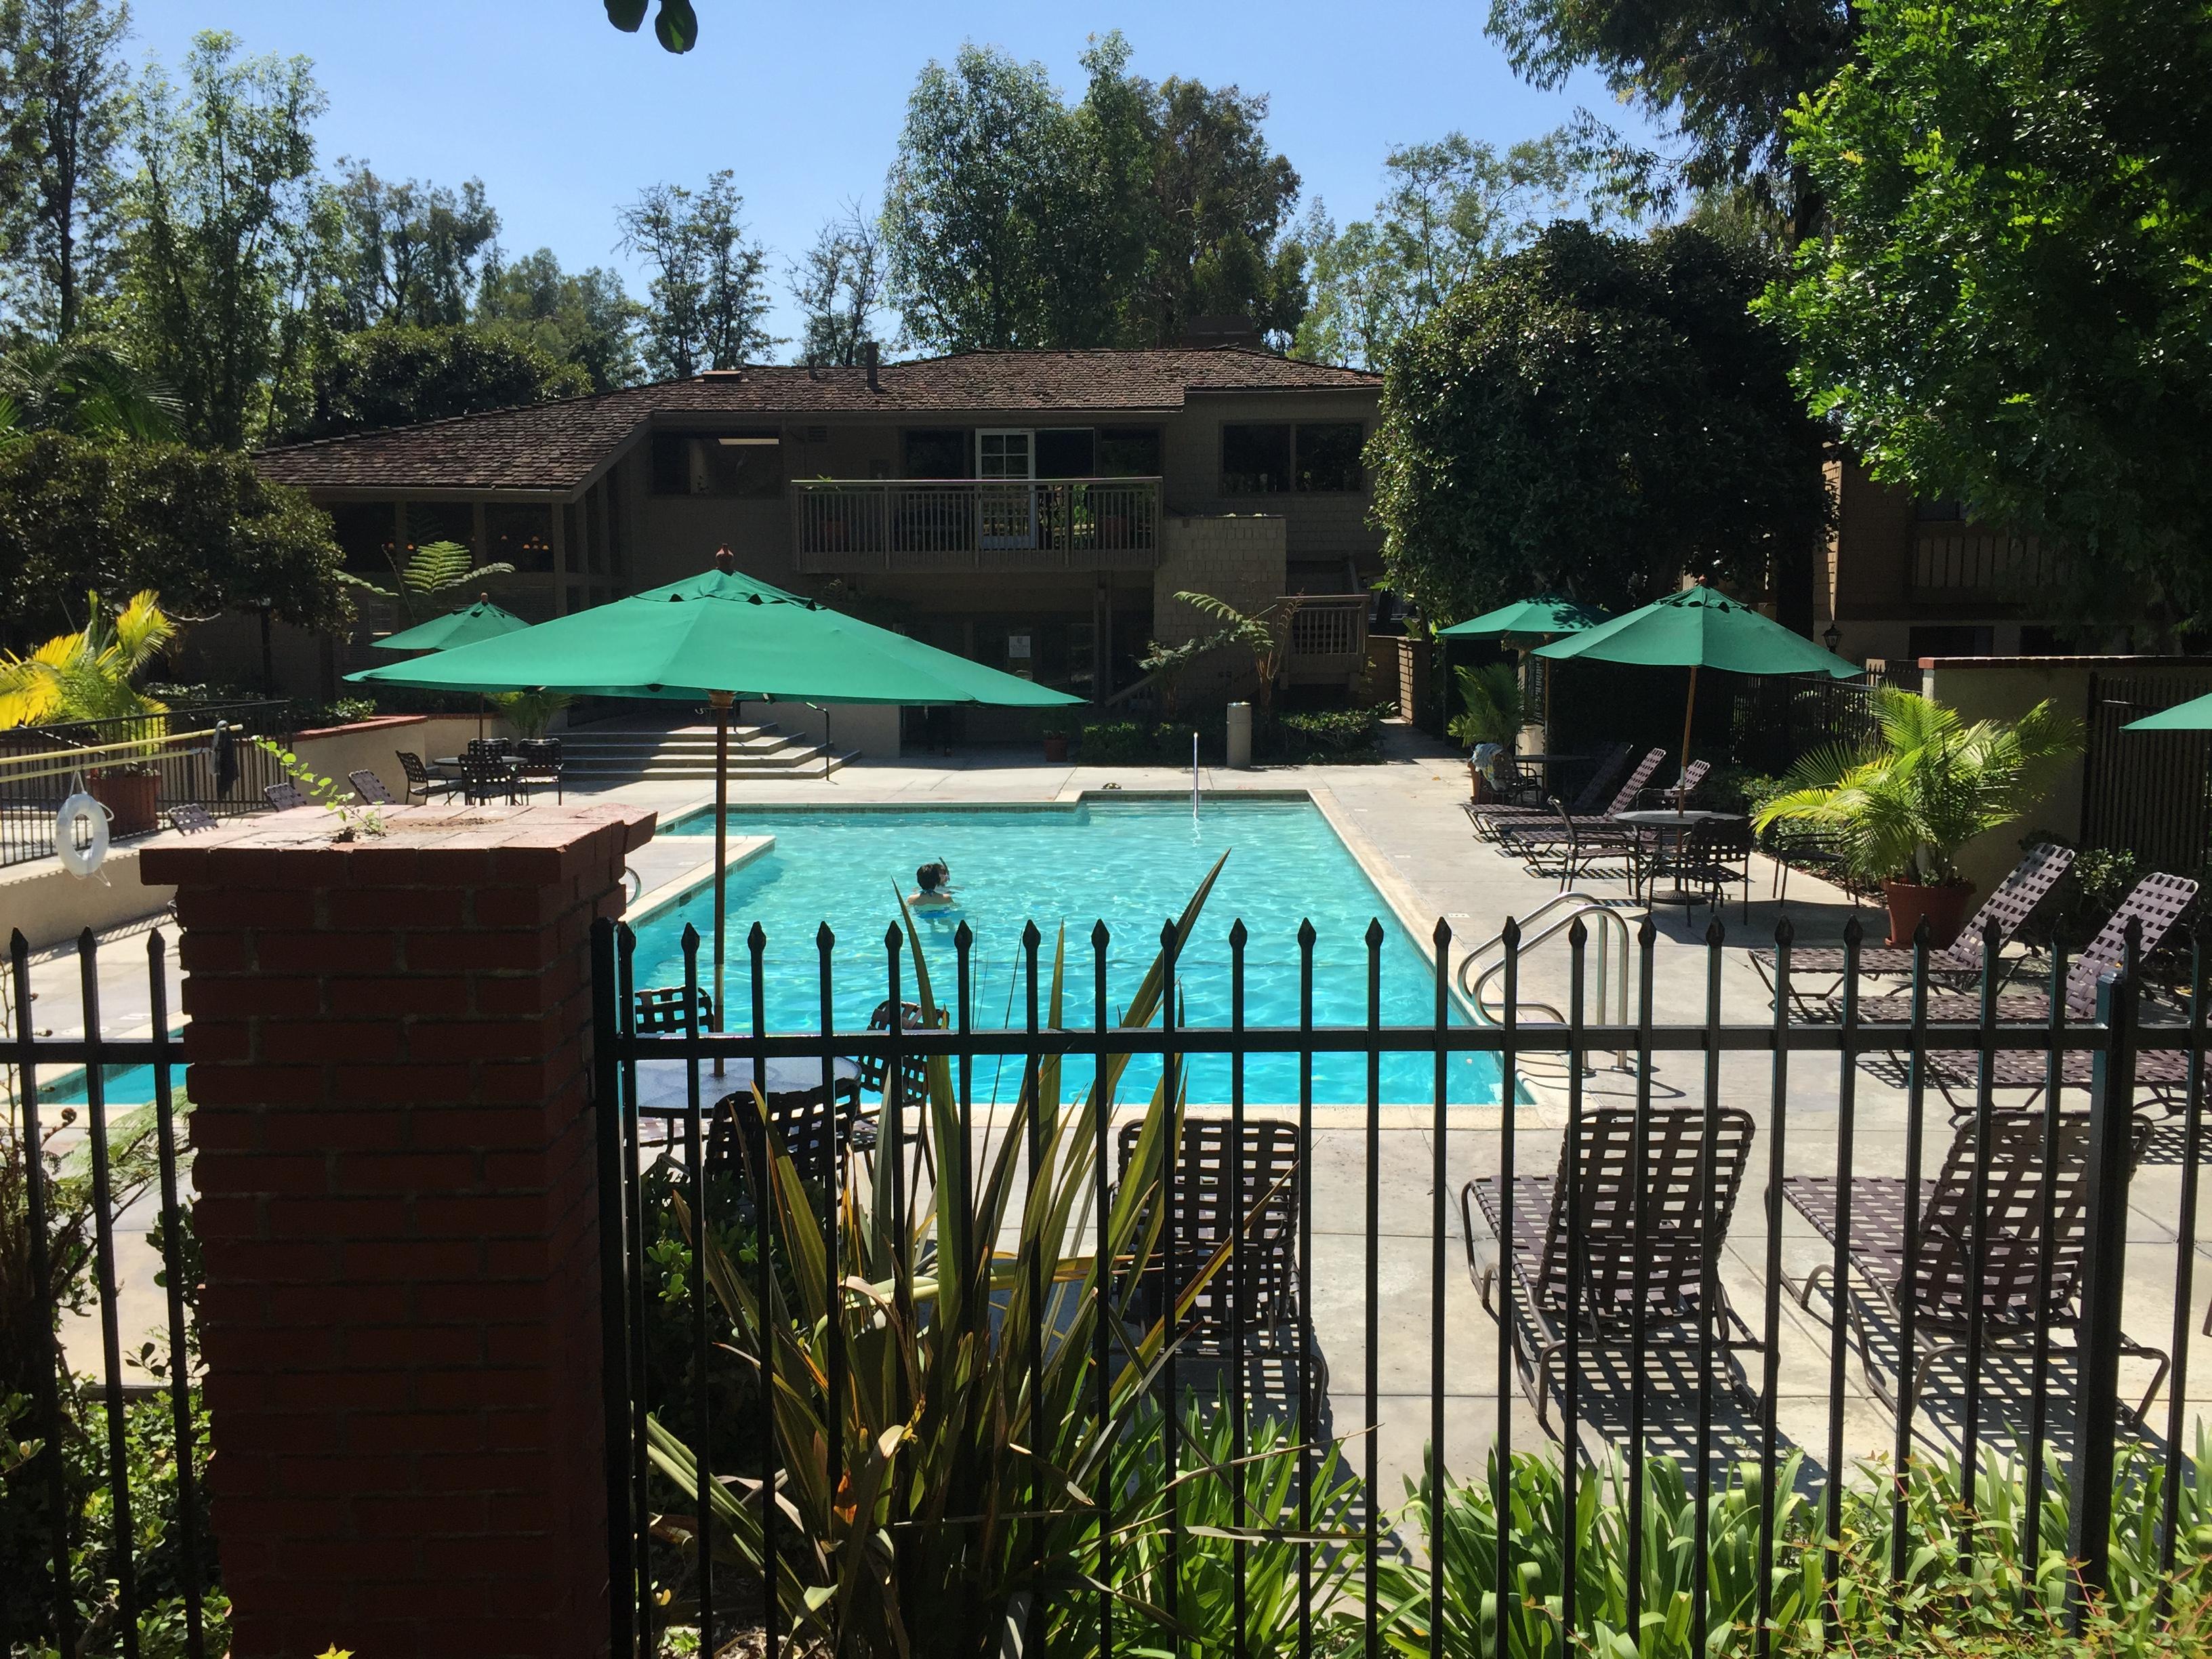 位於洛杉磯羅蘭岡的泳池、健身房一應俱全的孔雀園內,過去大腹便便的大客孕婦隨處可見。(記者高梓原/攝影)